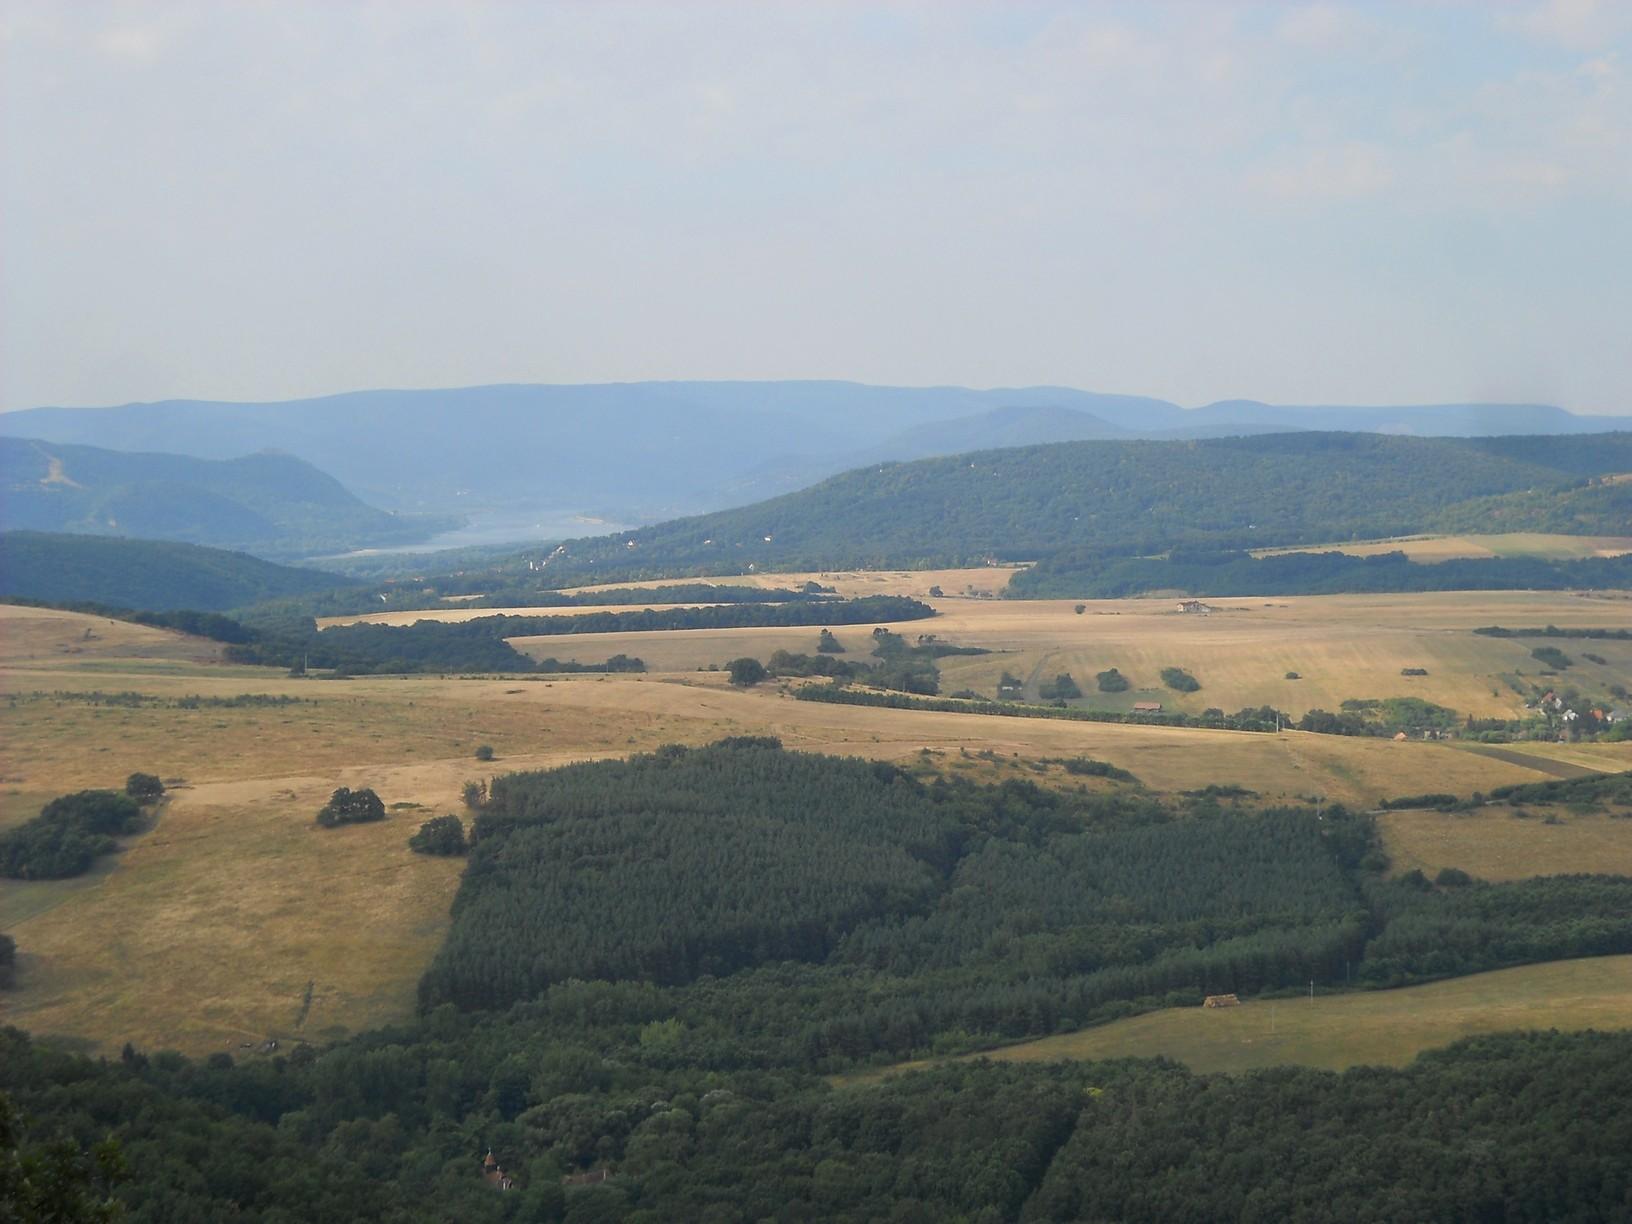 Kilátás a Nagy-Kő-hegy csúcsáról a Dunakanyarra